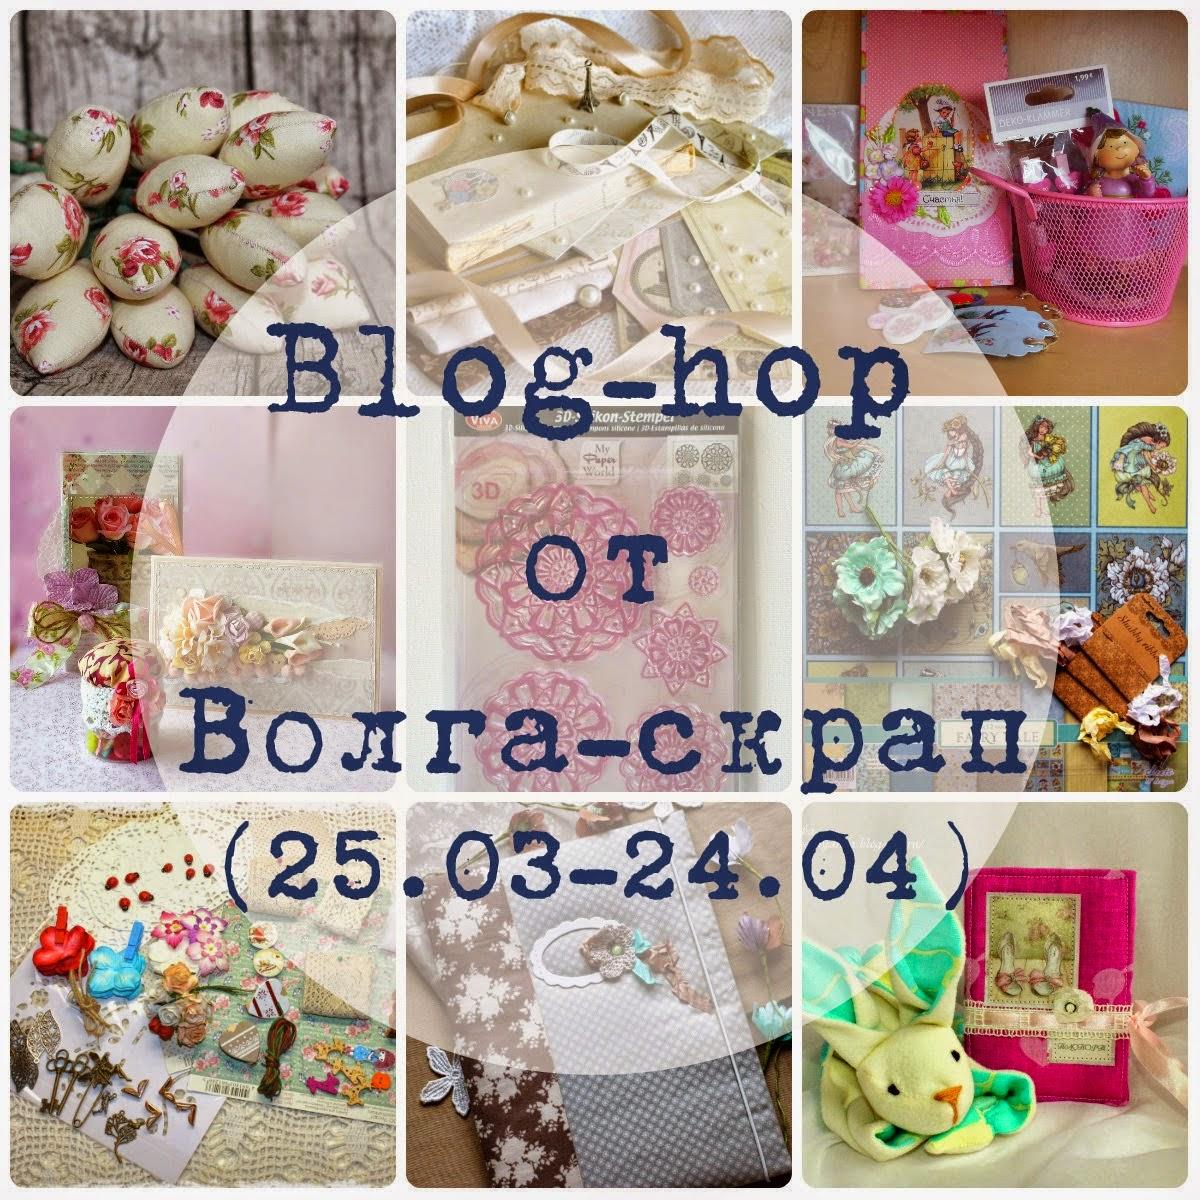 Blog-Hop №3 от Волга-скрап